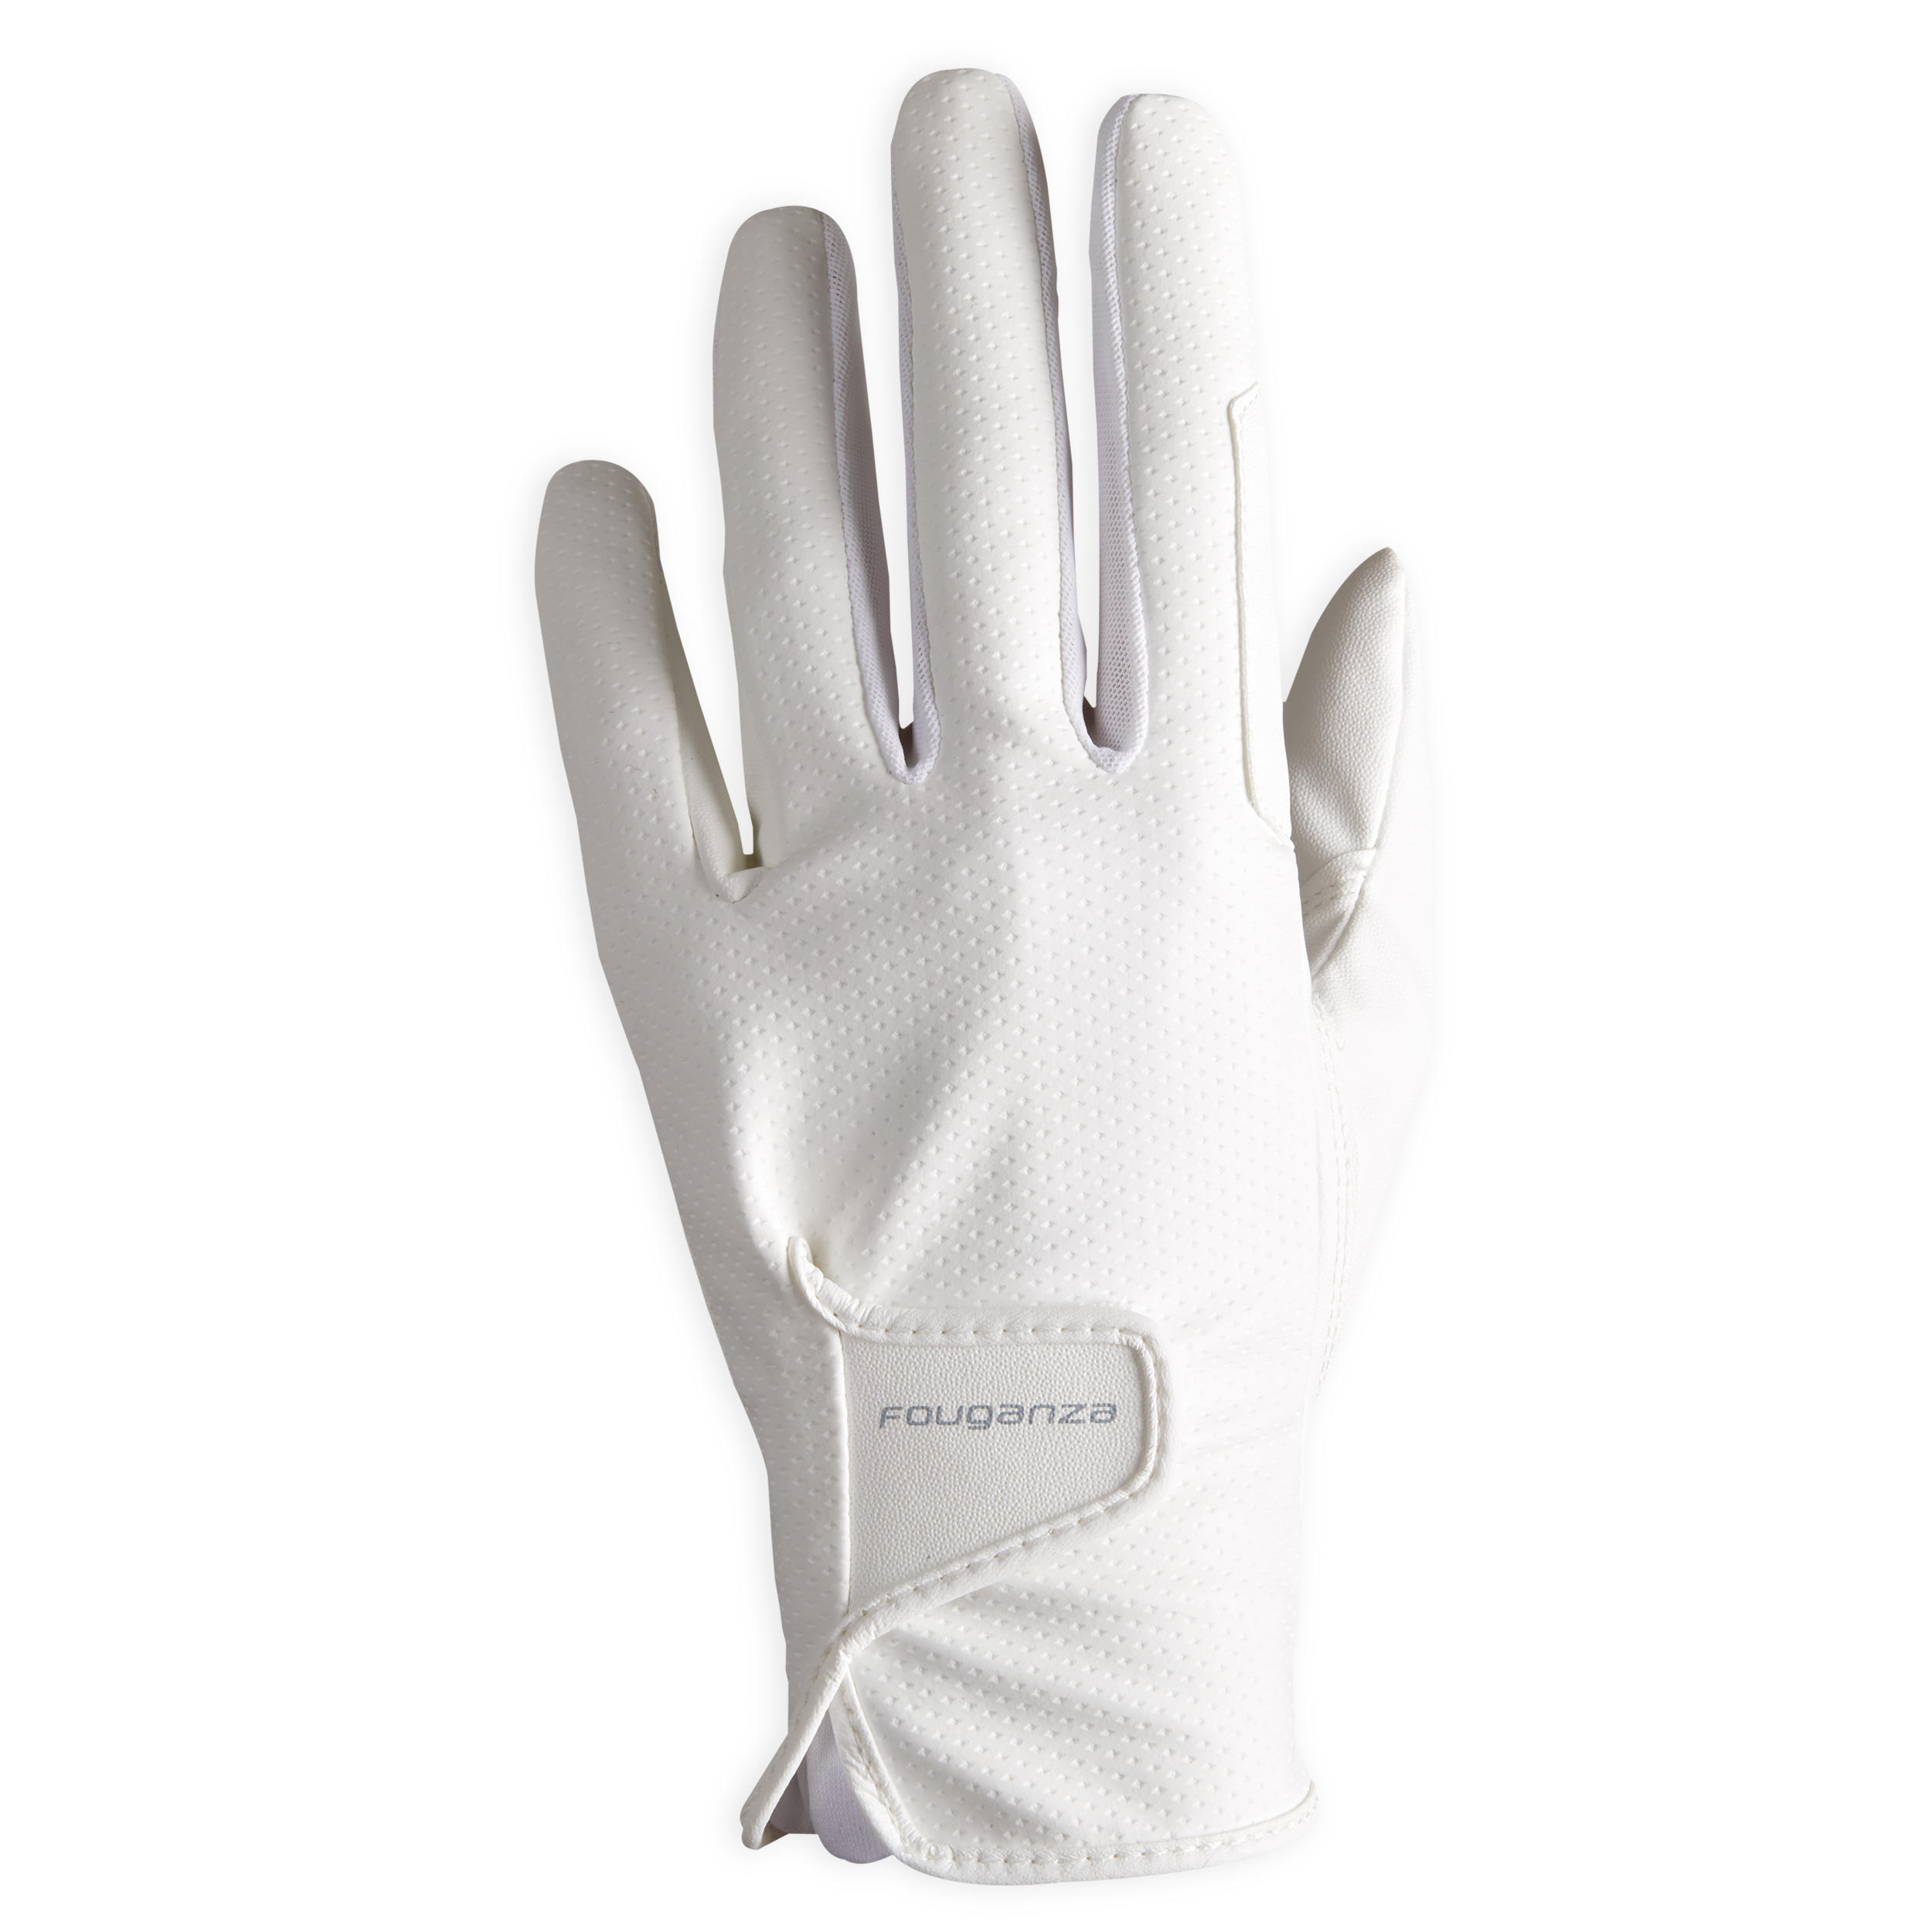 Mănuși 500 alb damă imagine